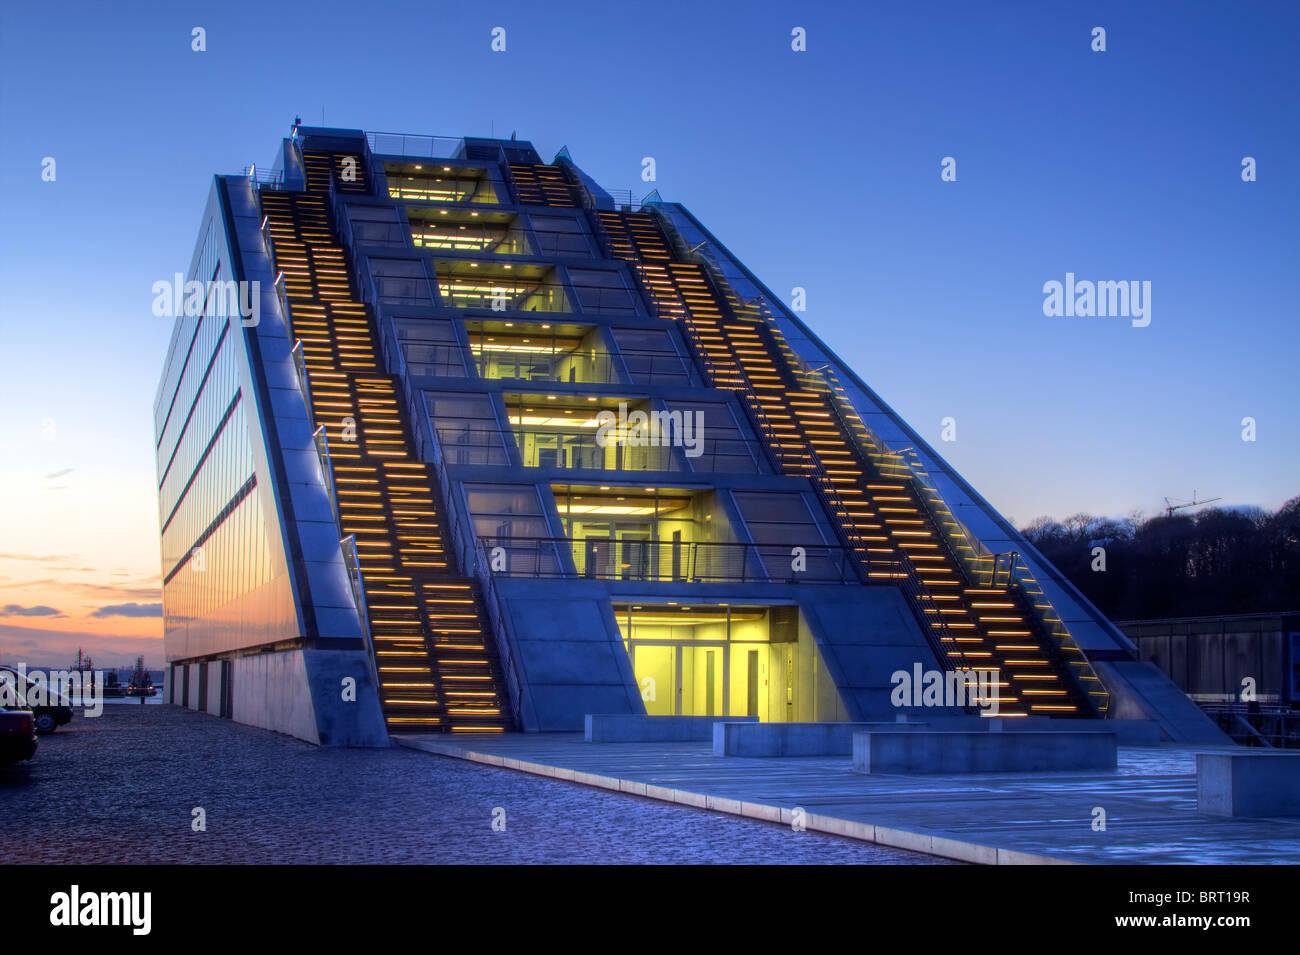 Dockland moderne immeuble de bureaux sur Elbe au coucher du soleil, l'escalier menant au toit à l'arrière, Photo Stock